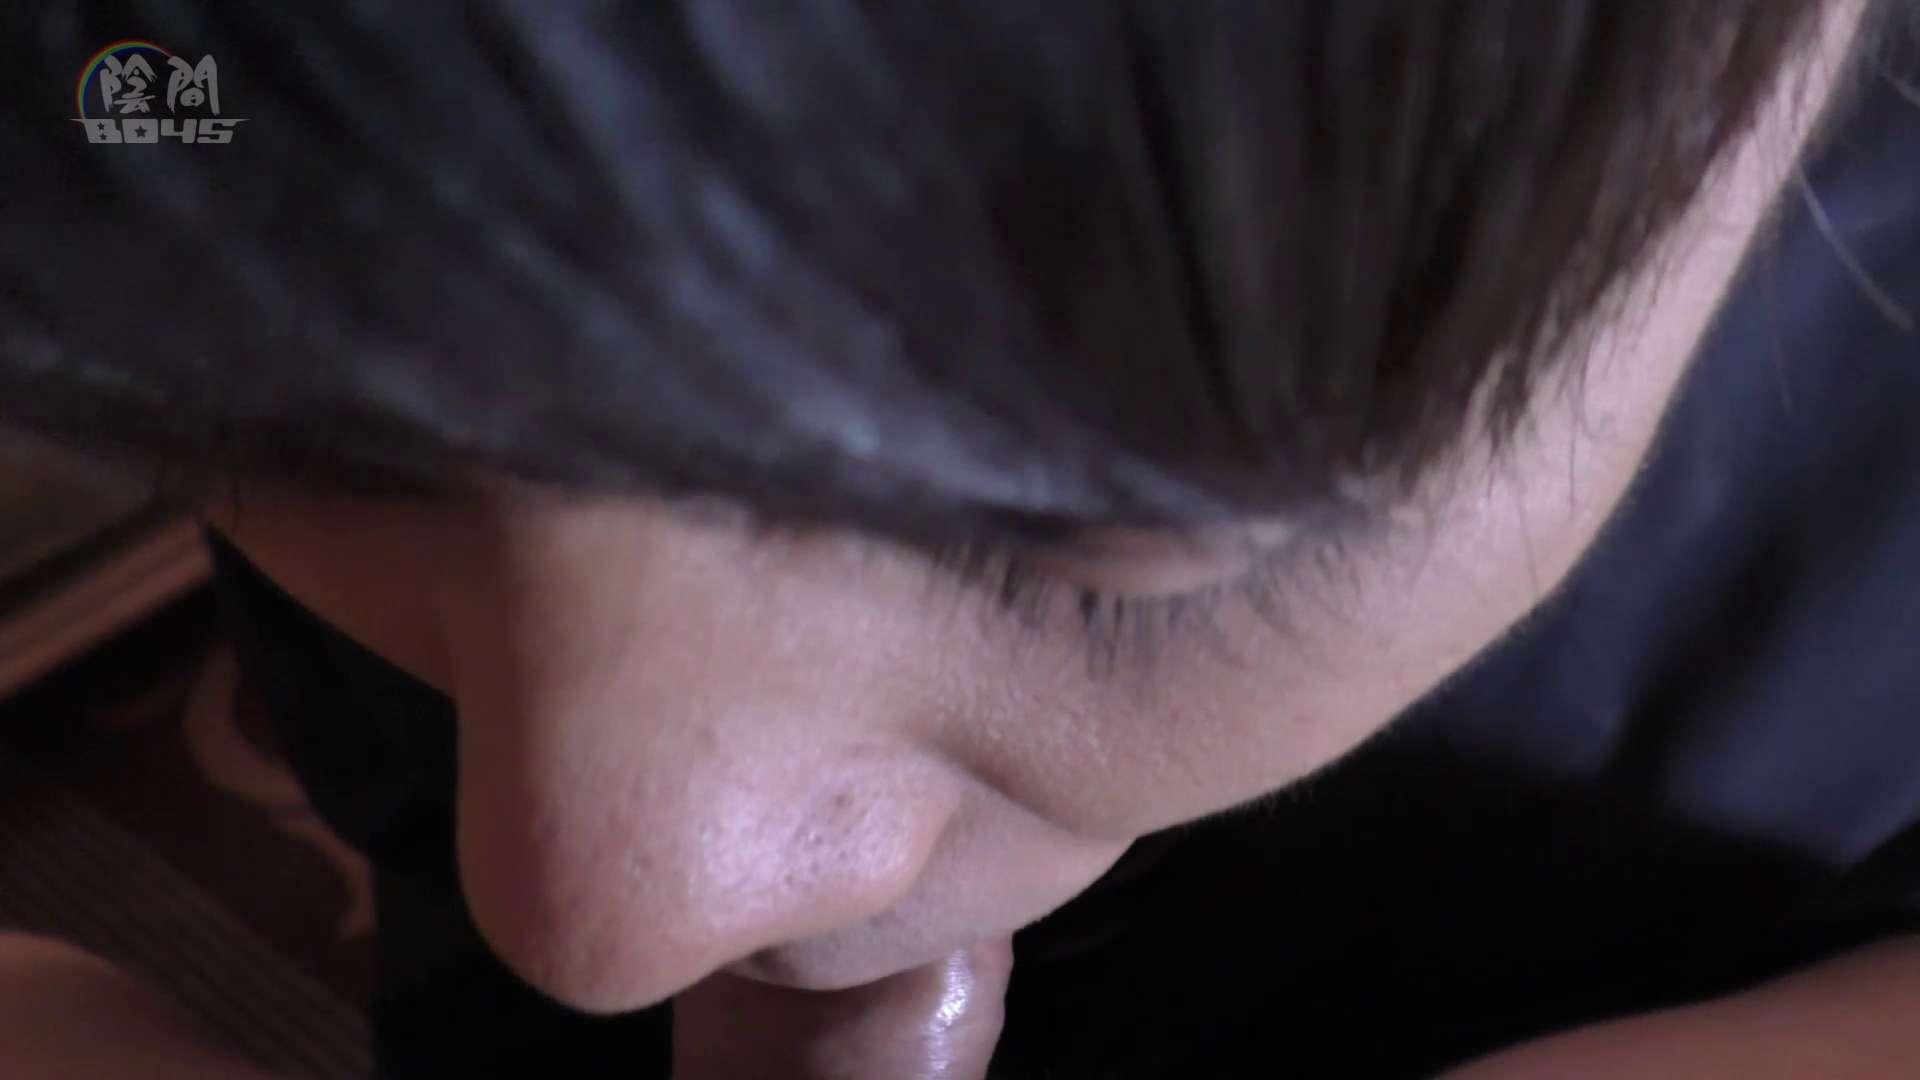 キャバクラの仕事はアナルから6  ~アナルの囁き~Vol.03 ザーメン ゲイエロ画像 100枚 47